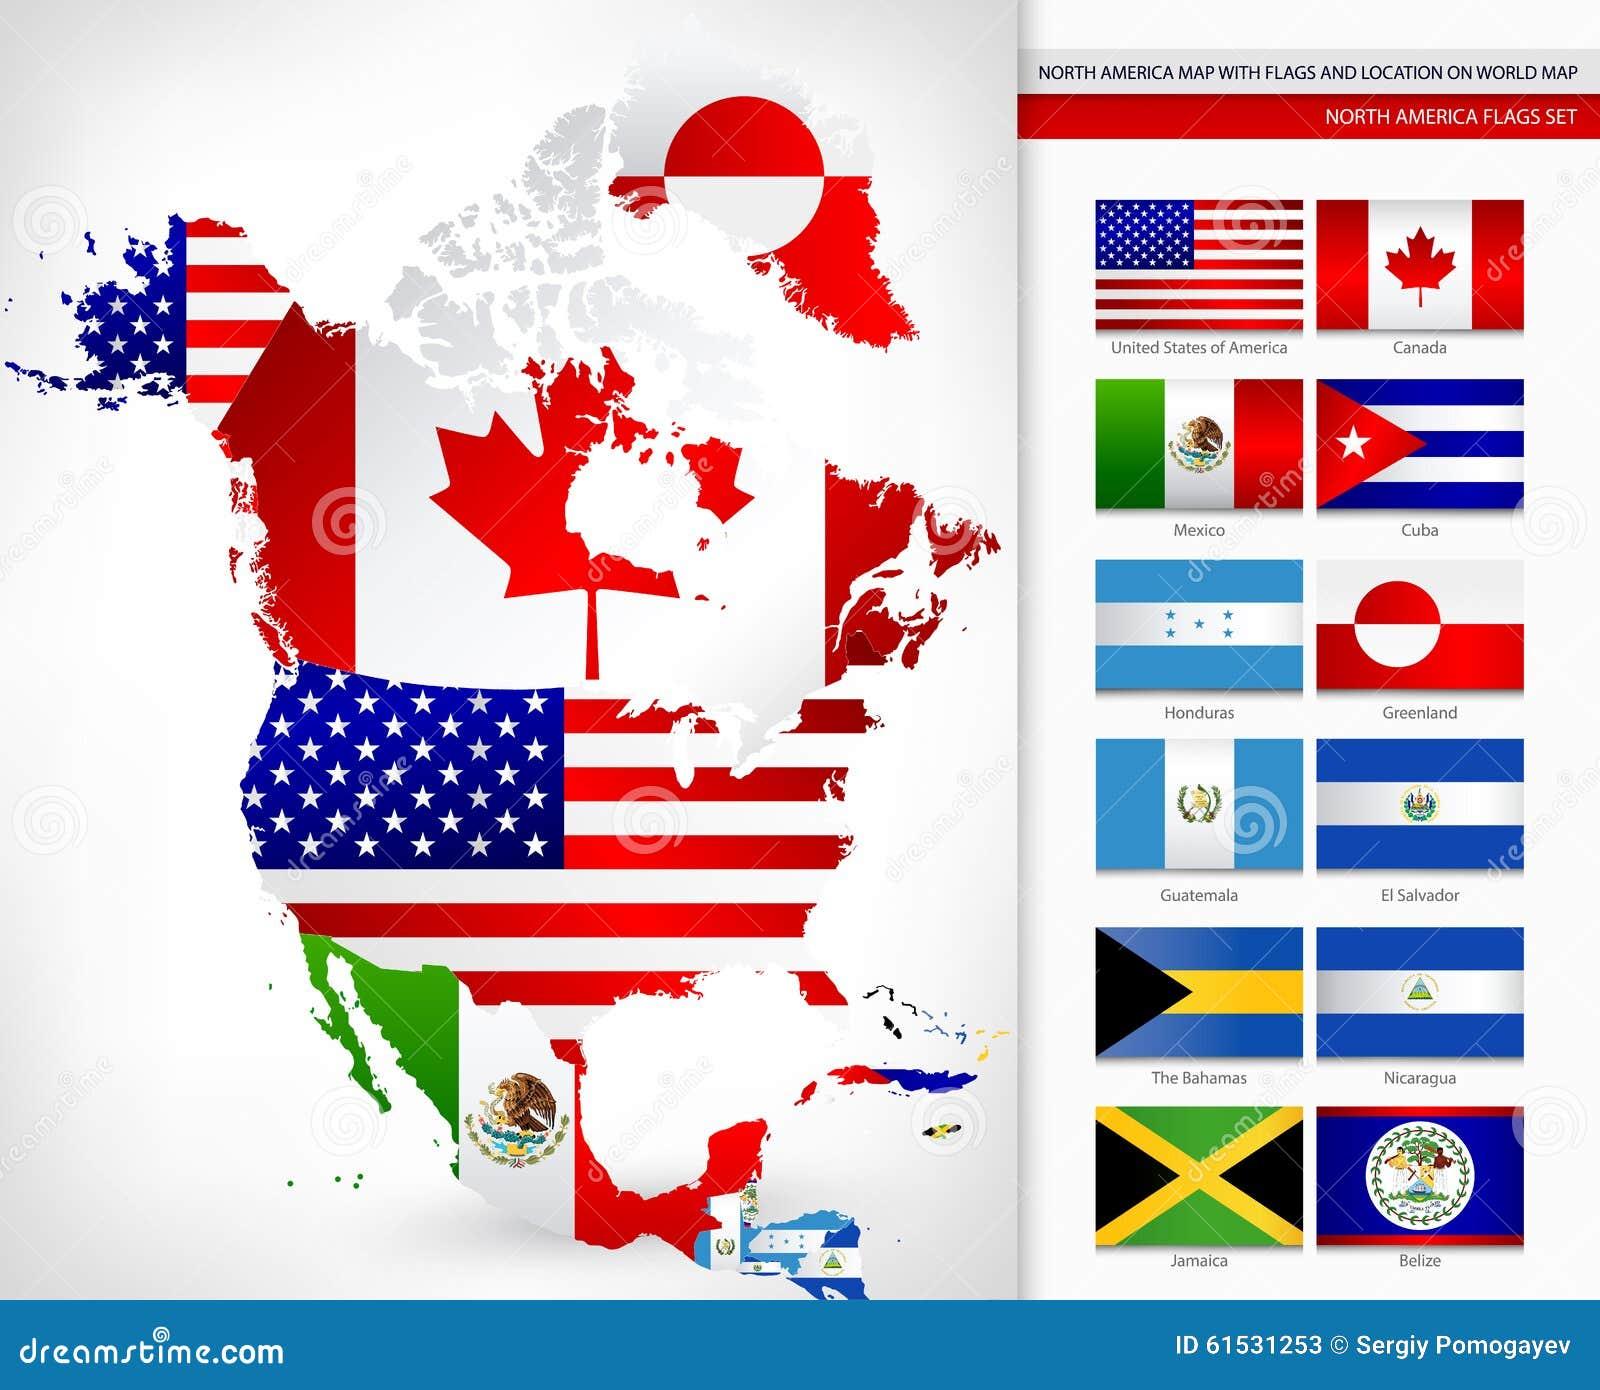 Flagge Nordamerika